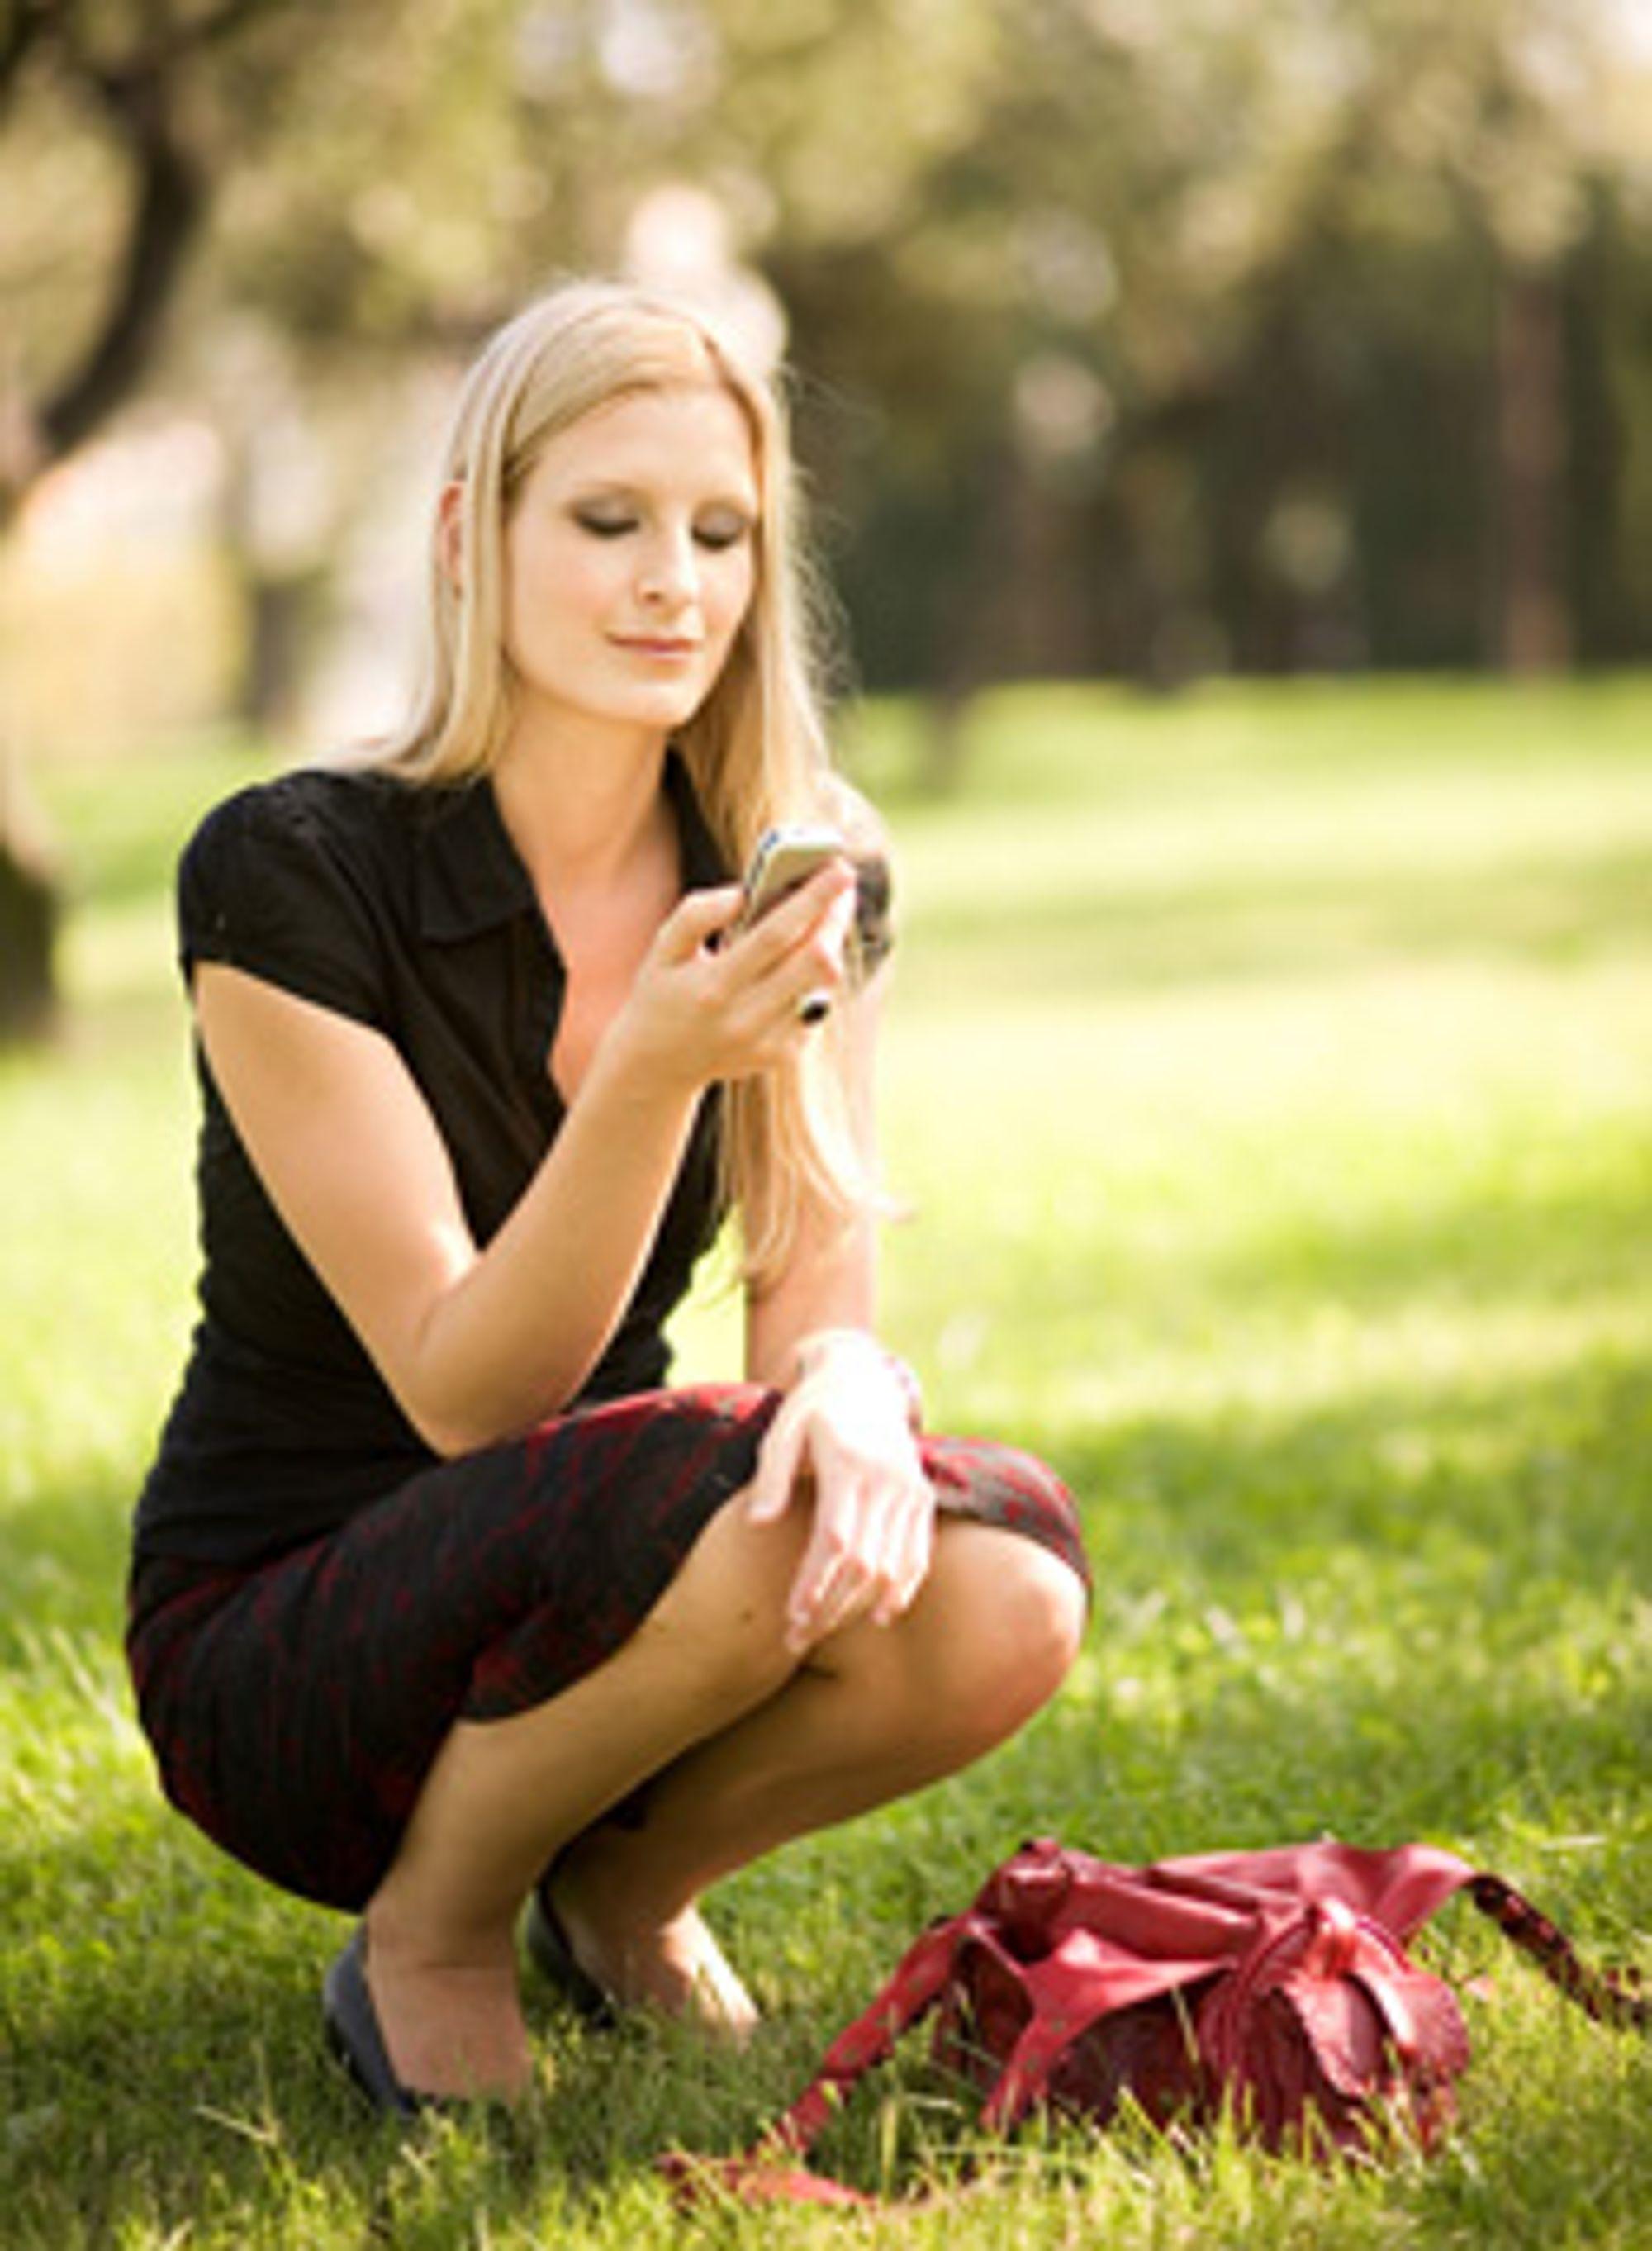 Neste år kan du kanskje skrive SMS i sola uten problemer